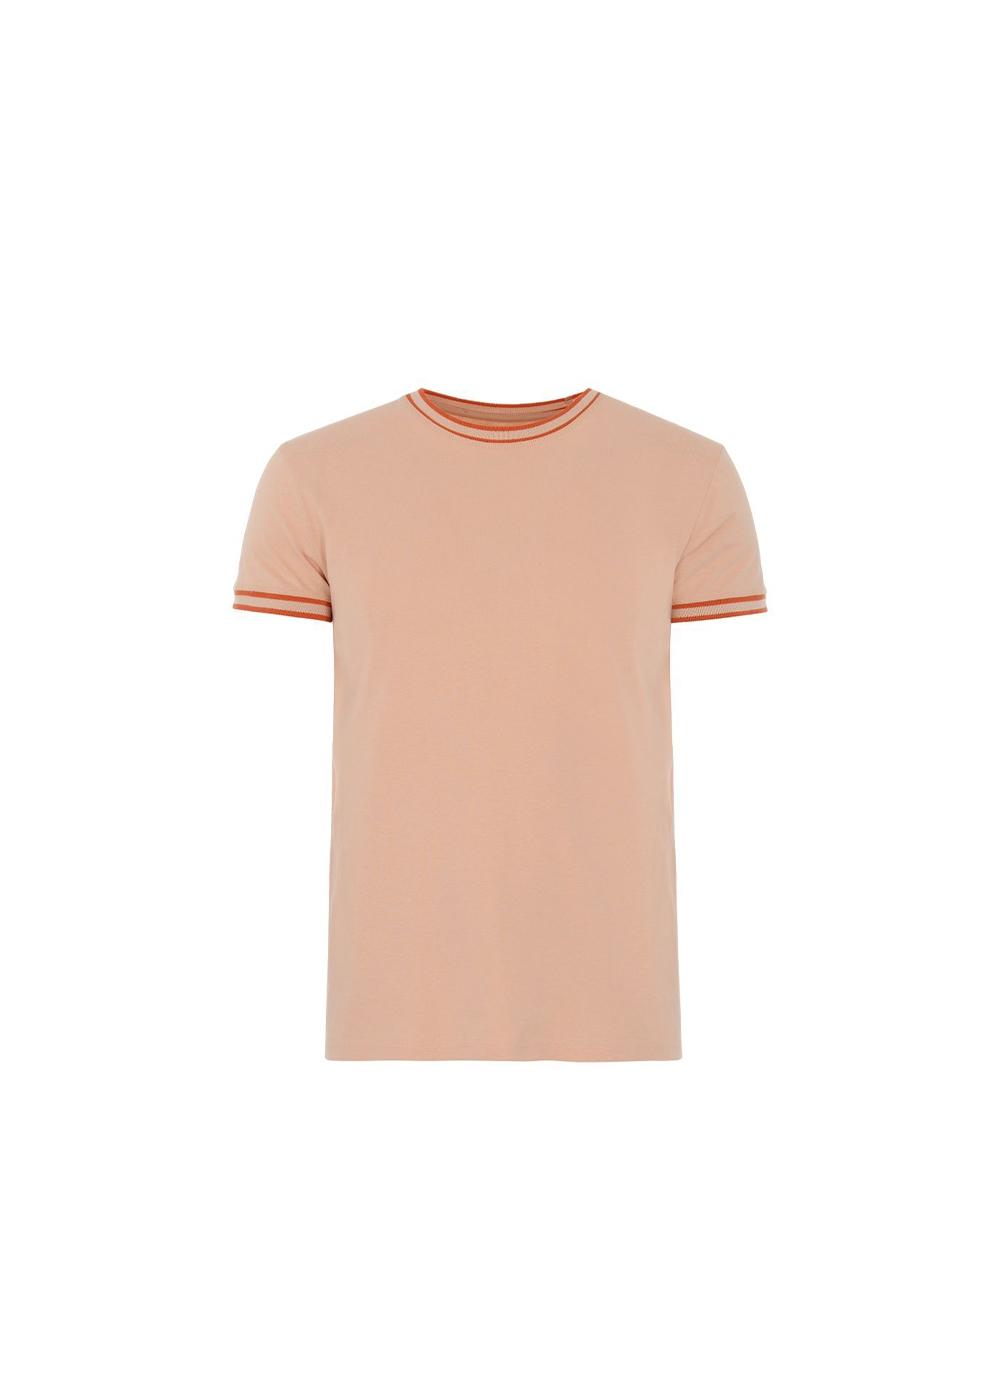 T-shirt męski TSHMT-0011-31(W20)